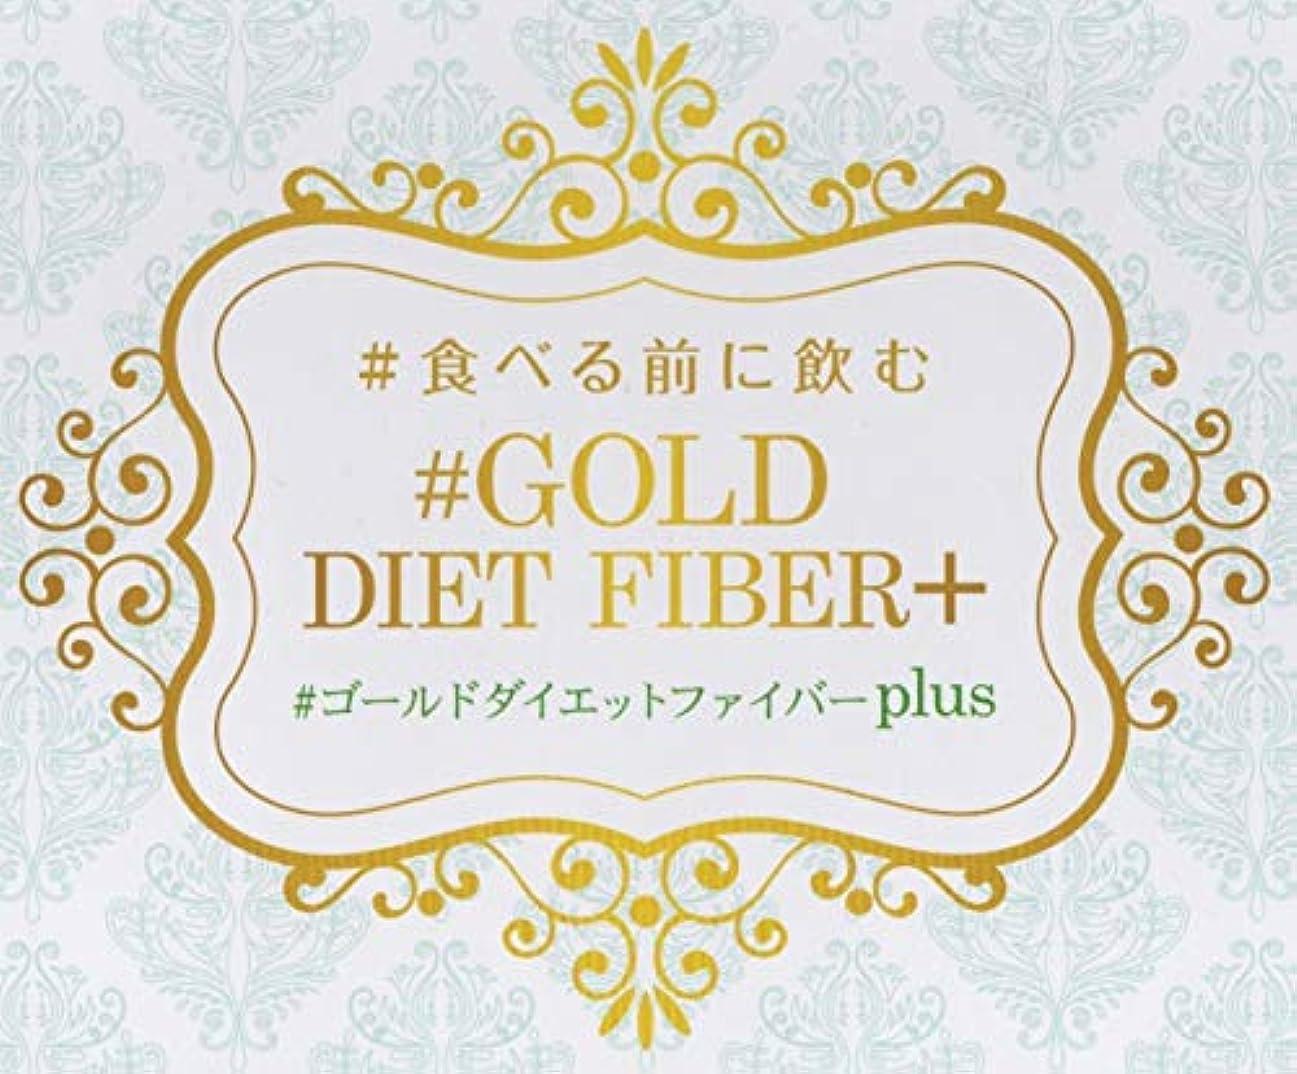 ひどく格納病な食べる前に飲む ゴールド ダイエット ファイバー [お試し価格](水溶性食物繊維とマルチビタミン)[ほんのりレモン味]